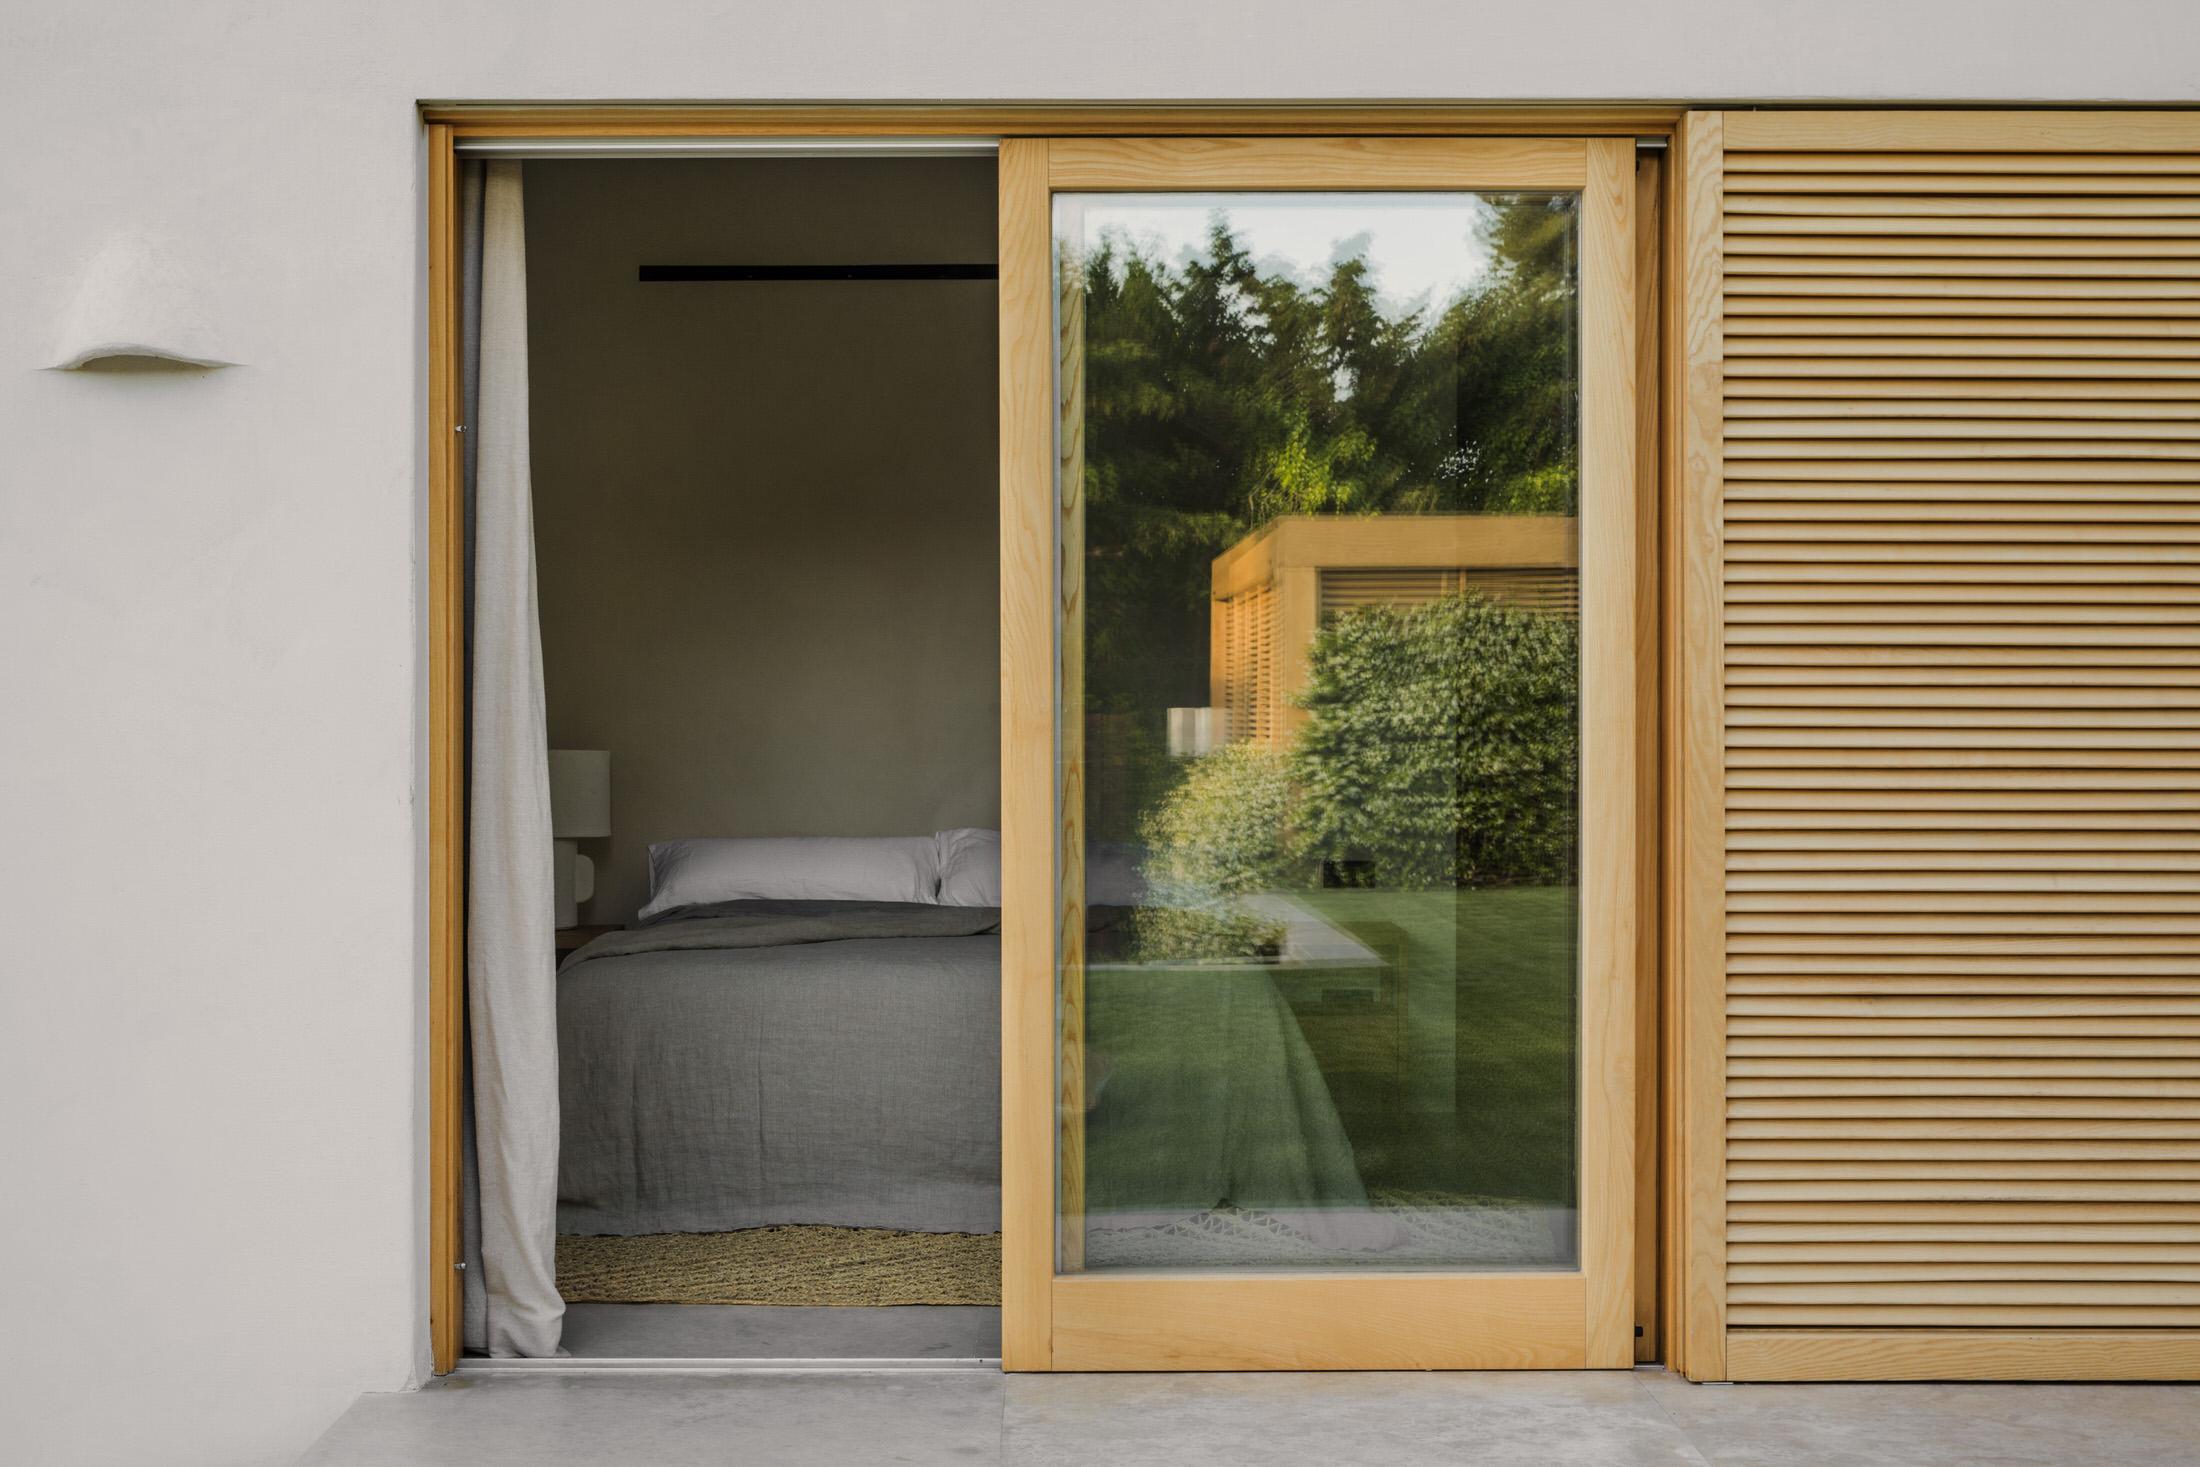 Febrero Studio Casa Marbella Spanish Architecture Photo German Saiz Yellowtrace 37